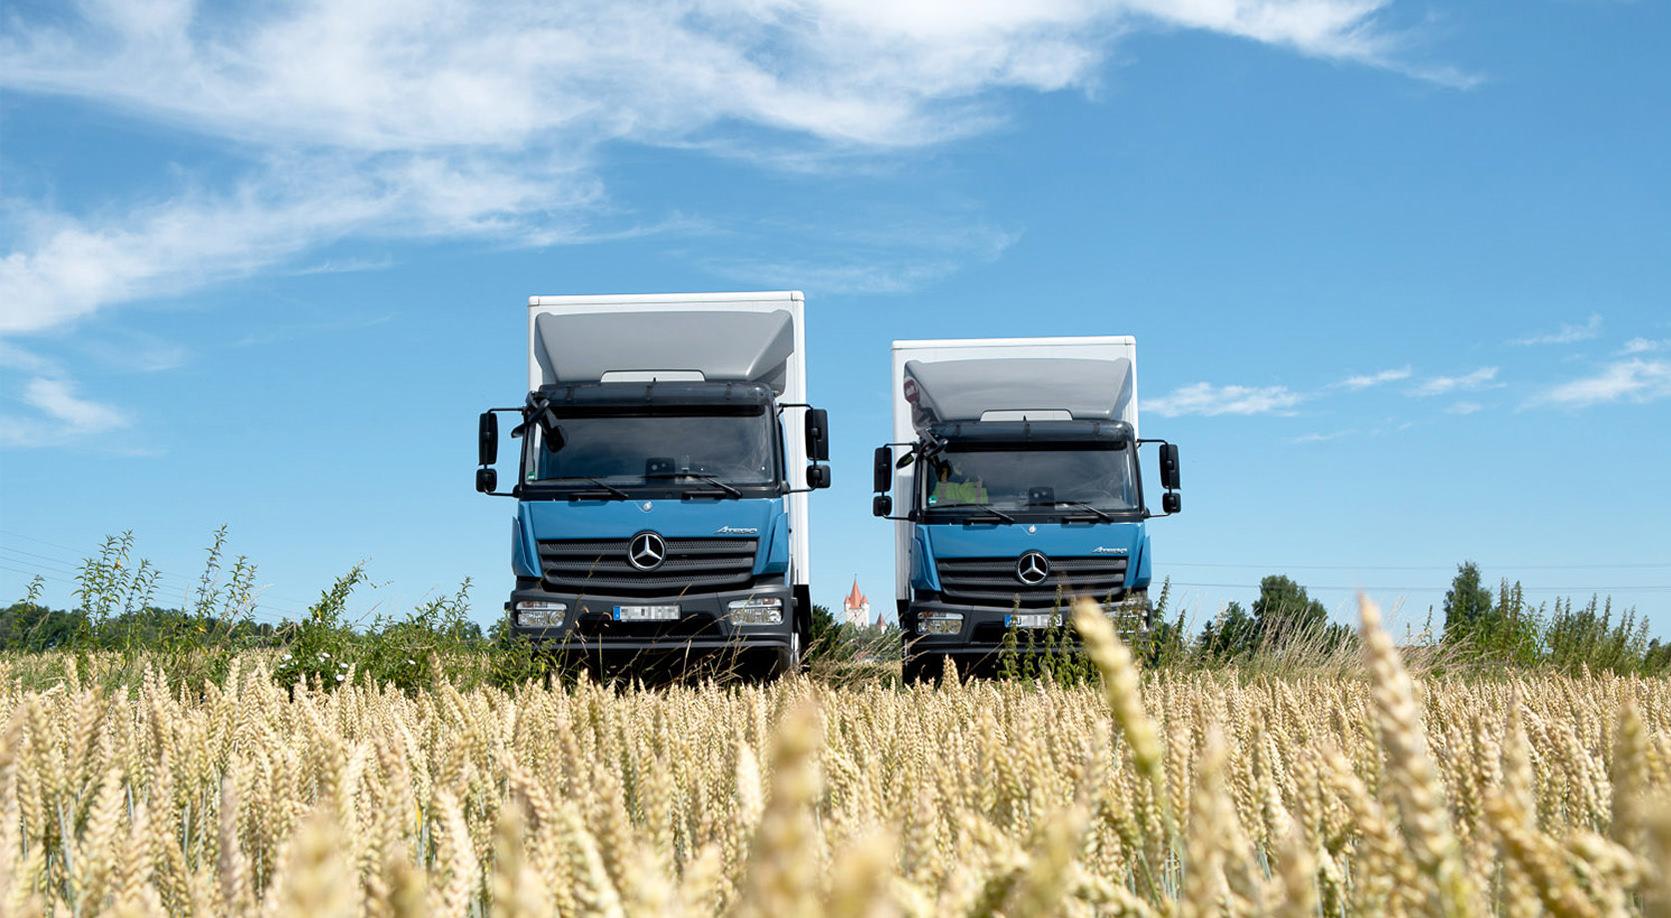 Schweiger Transport GmbH - Speditions- und Logistikunternehmen - Umwelt